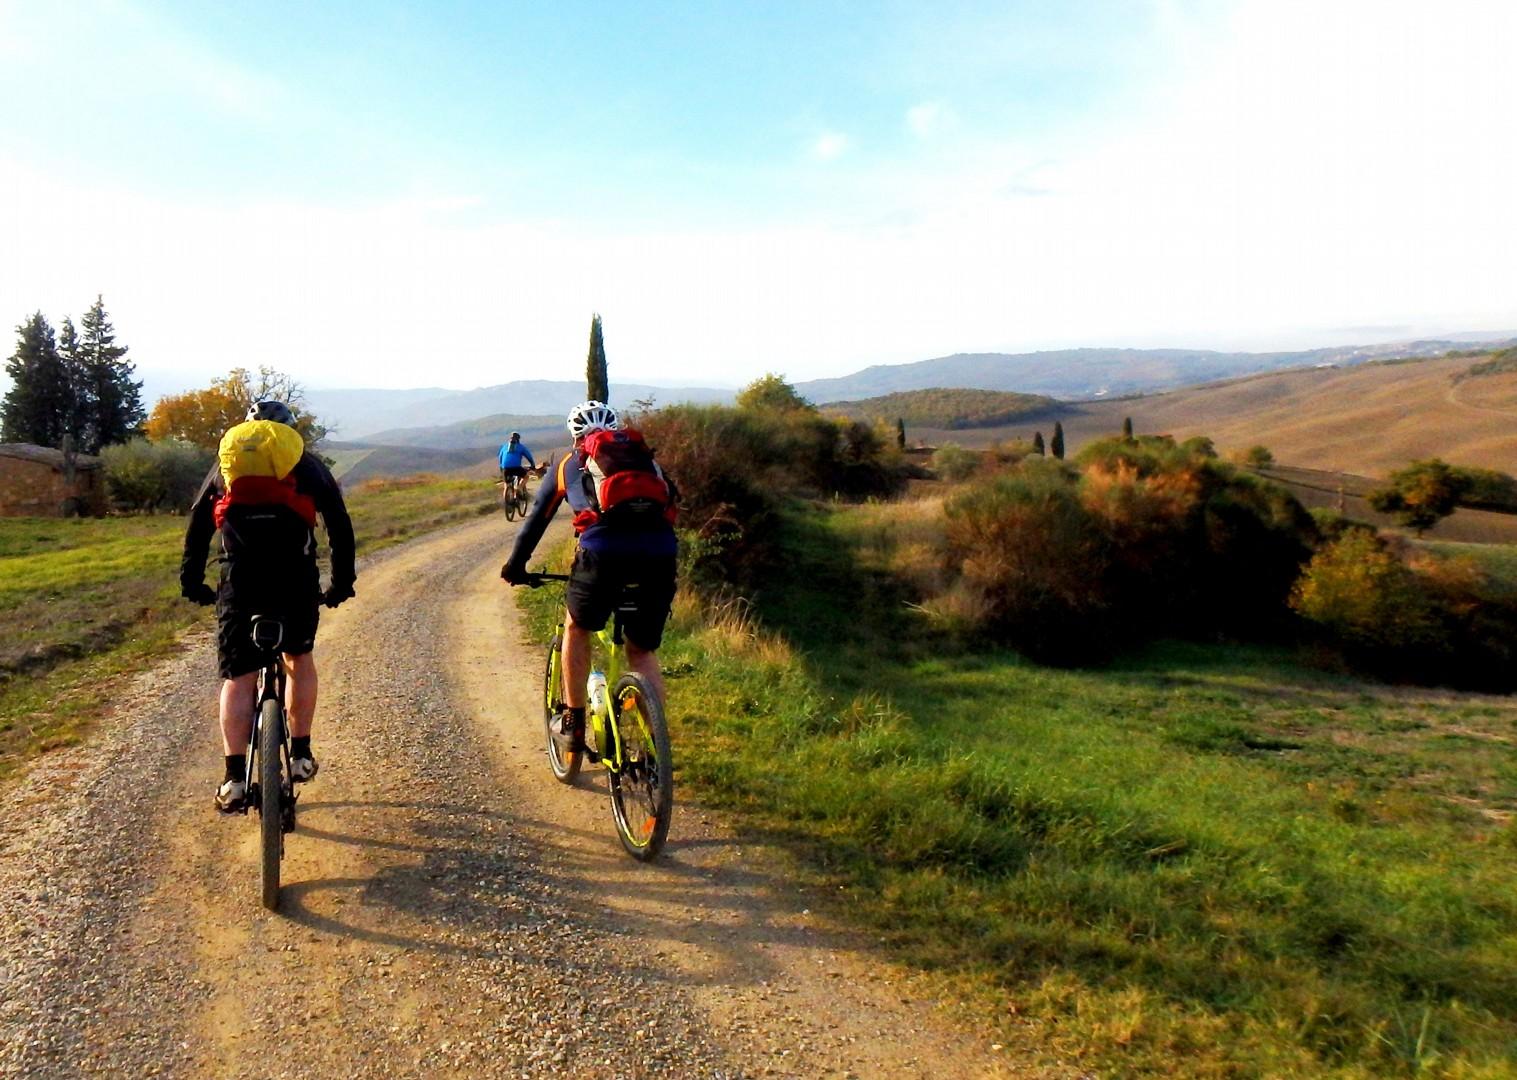 PB090041a.JPG - Italy - Via Francigena (Tuscany to Rome) - Guided Mountain Biking Holiday - Mountain Biking